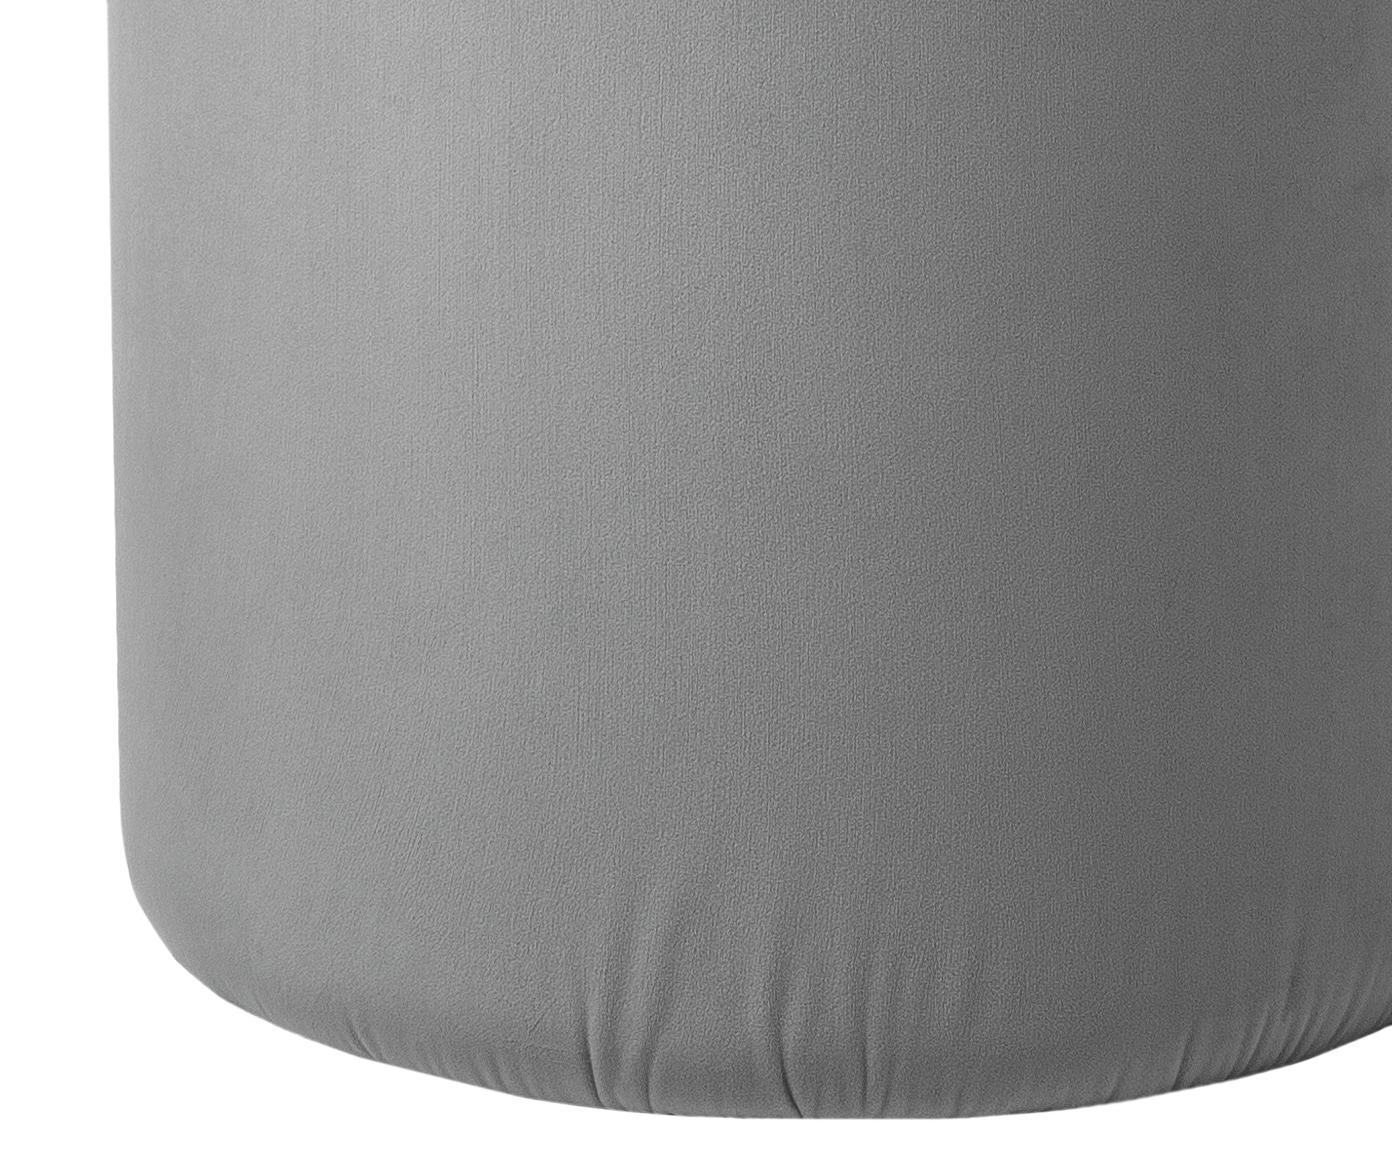 Fluwelen poef Daisy, Bekleding: fluweel (polyester), Frame: MDF, Grijs, Ø 38 cm